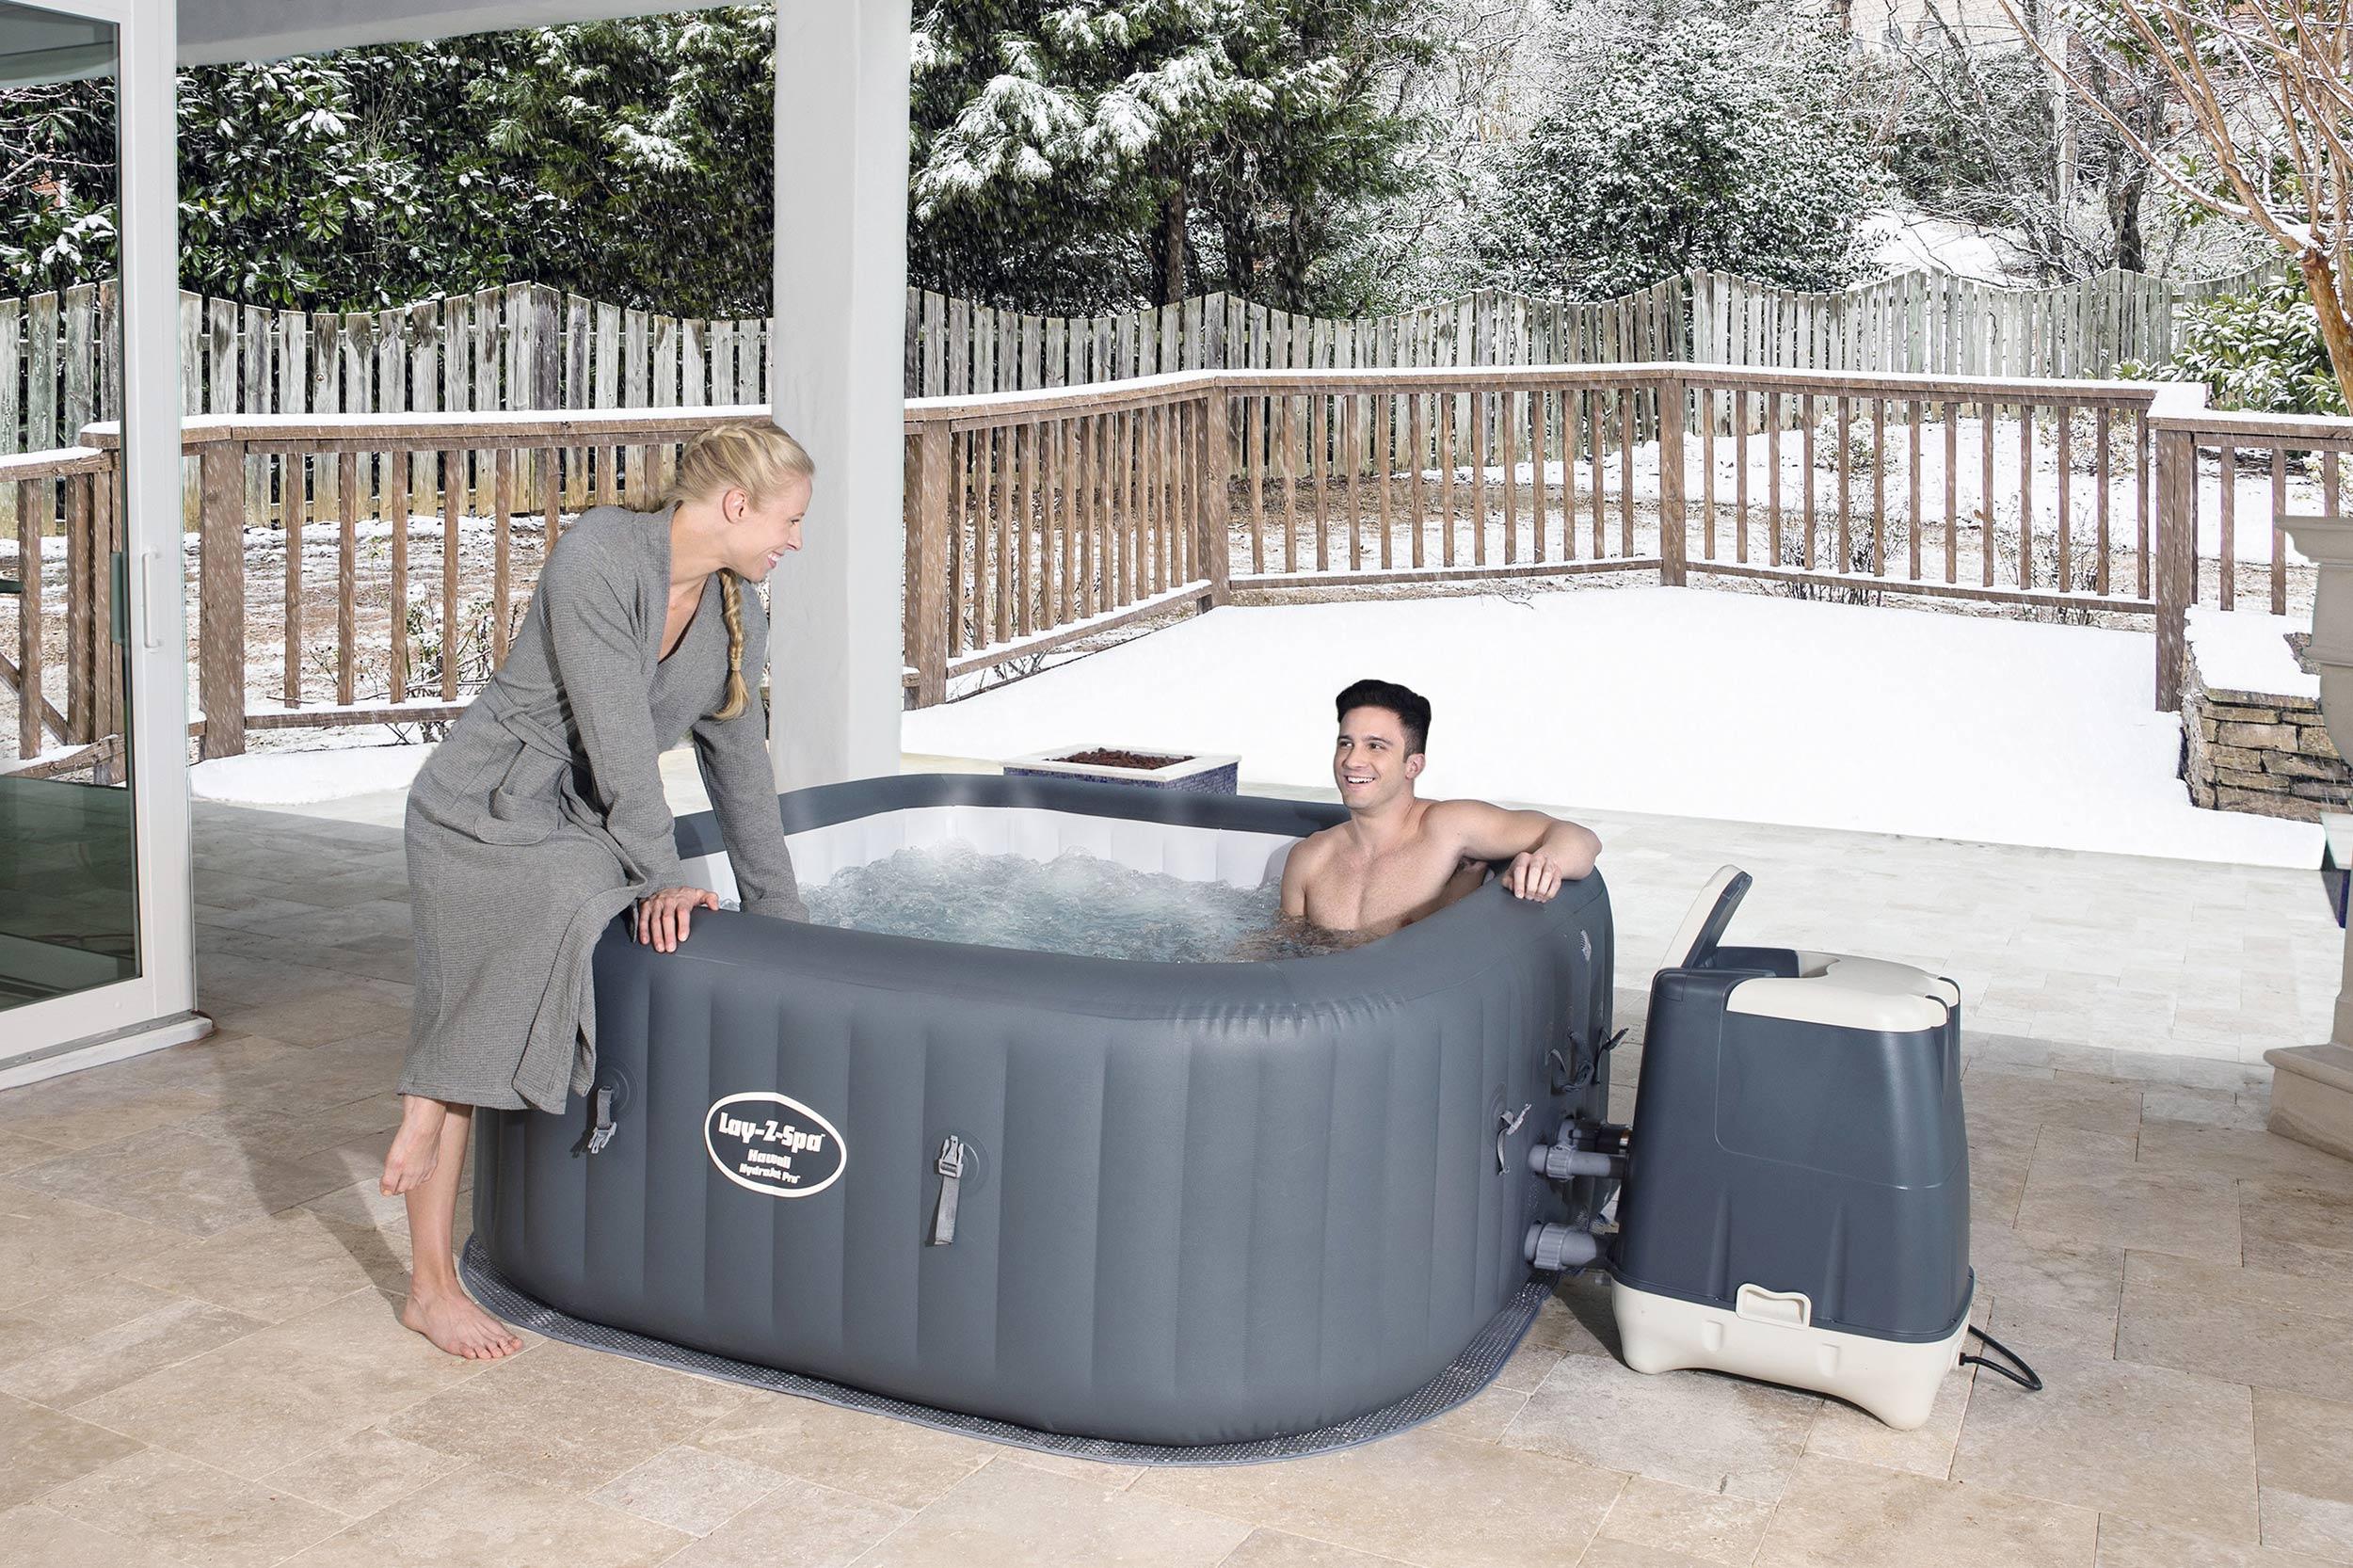 Ein Paar badet im Whirlpool im Außenbereich im Winter